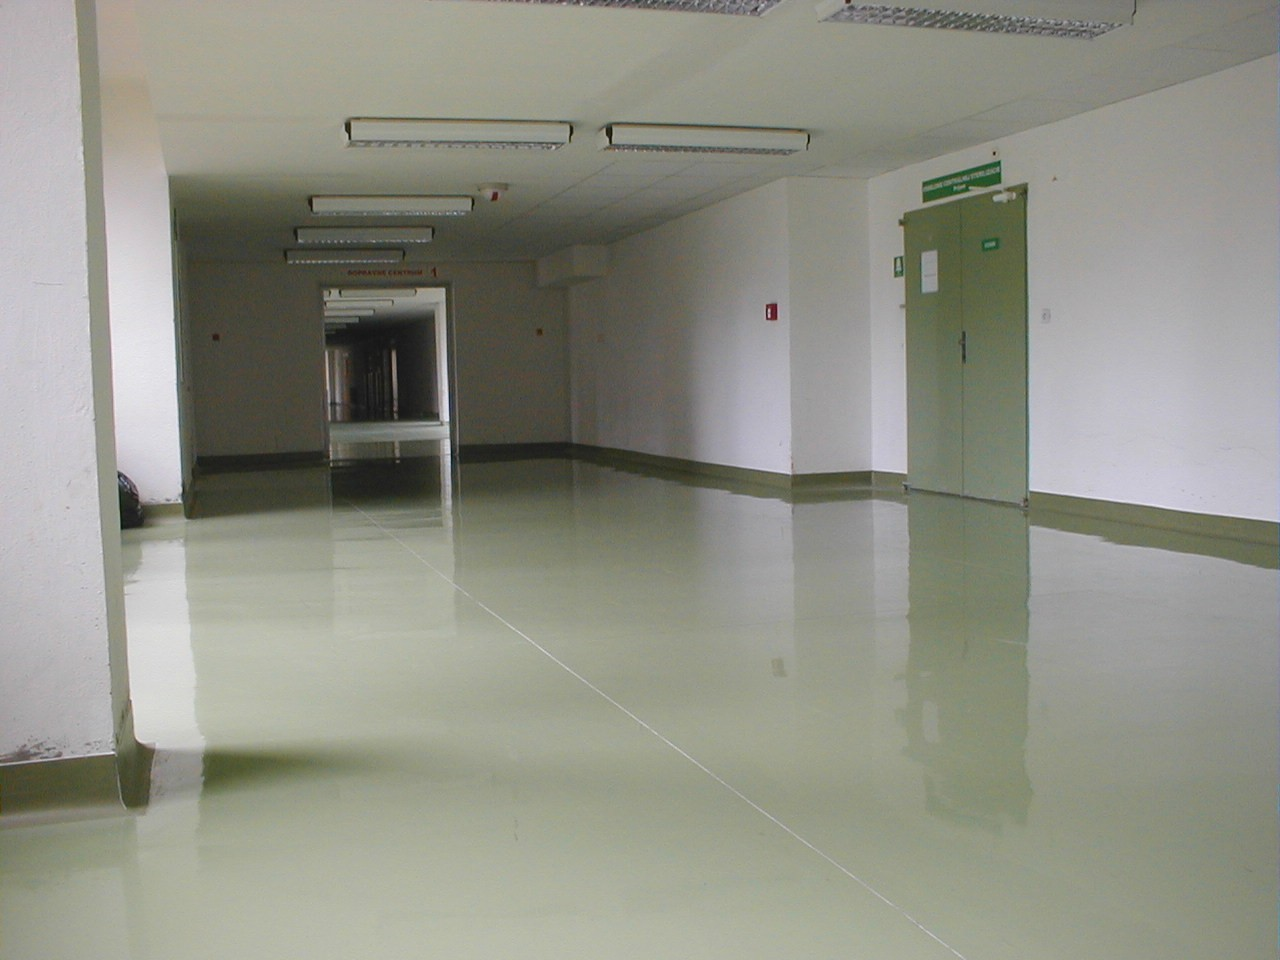 Typy & Tipy: Epoxidove podlahy (nejen) pro aplikátory - 5. EP stěrka – EPOSTYL 521-01 – litá, hladká - zdravotnické zařízení